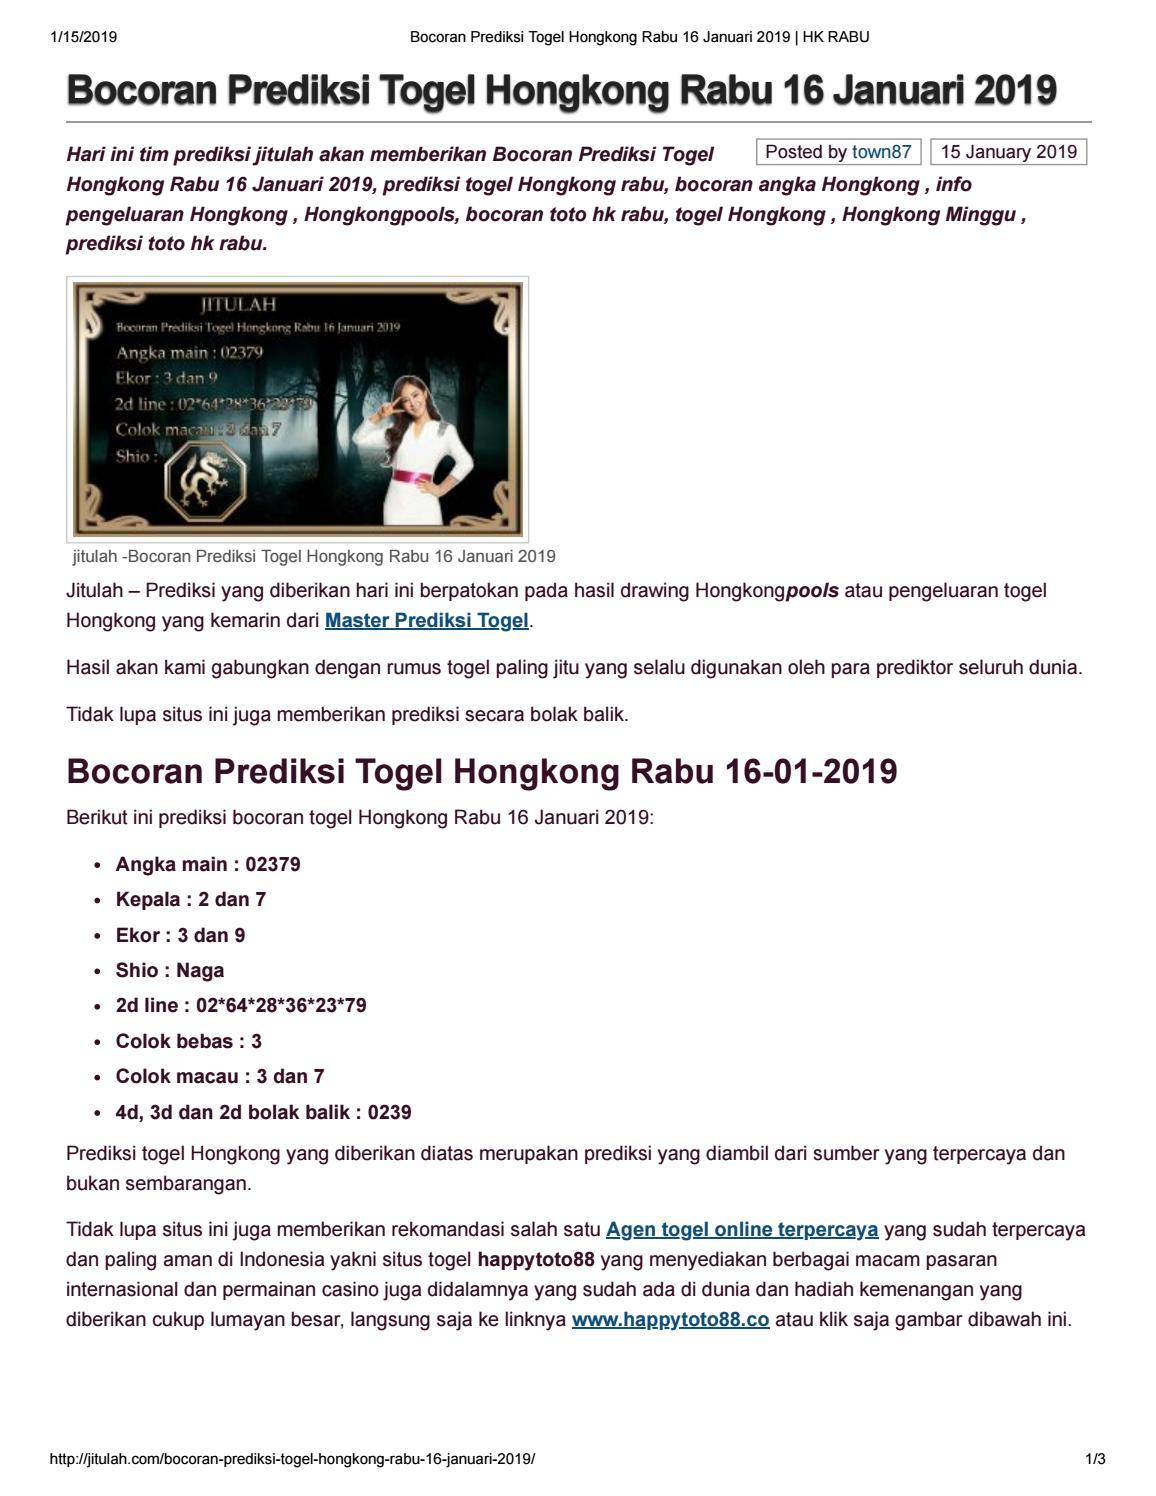 Bocoran Prediksi Togel Hongkong Rabu 16 Januari 2019 by angelina1310